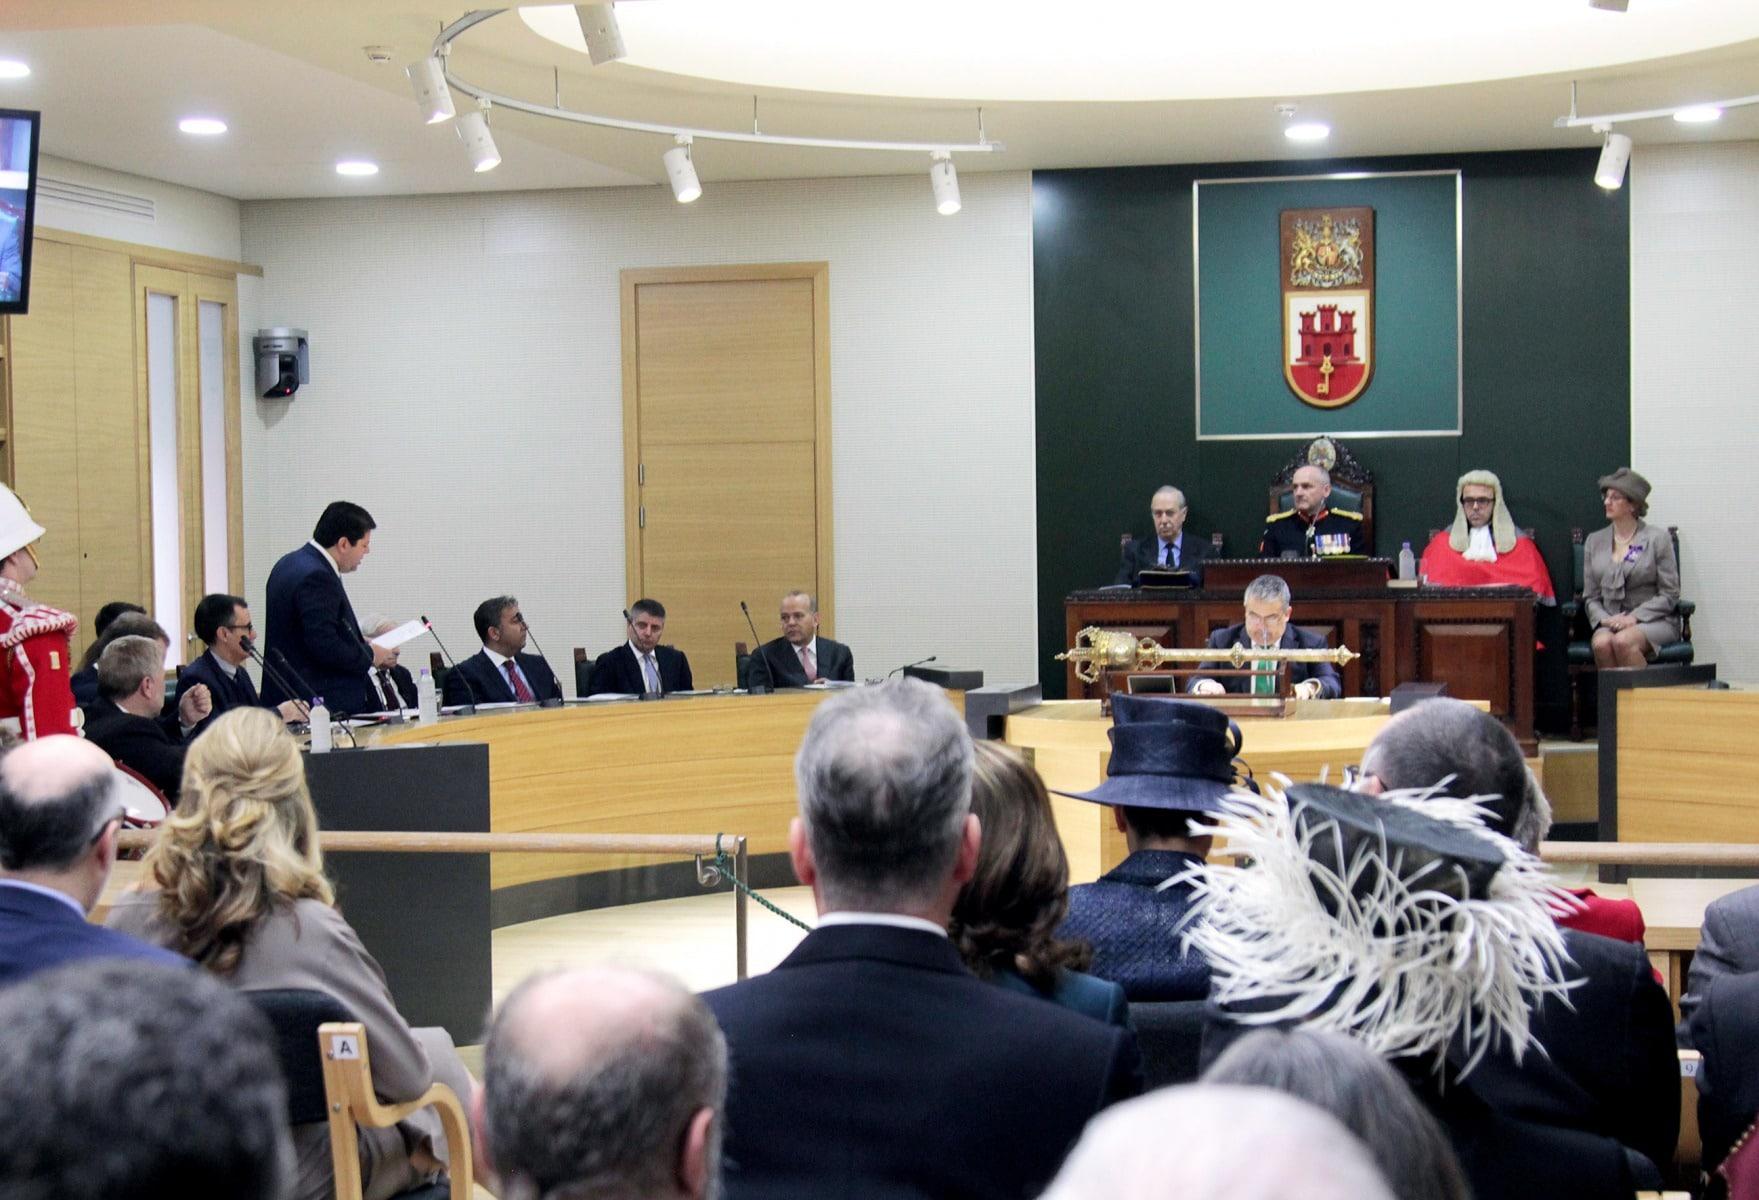 gobernador-de-gibraltar-edward-davis_24129264549_o